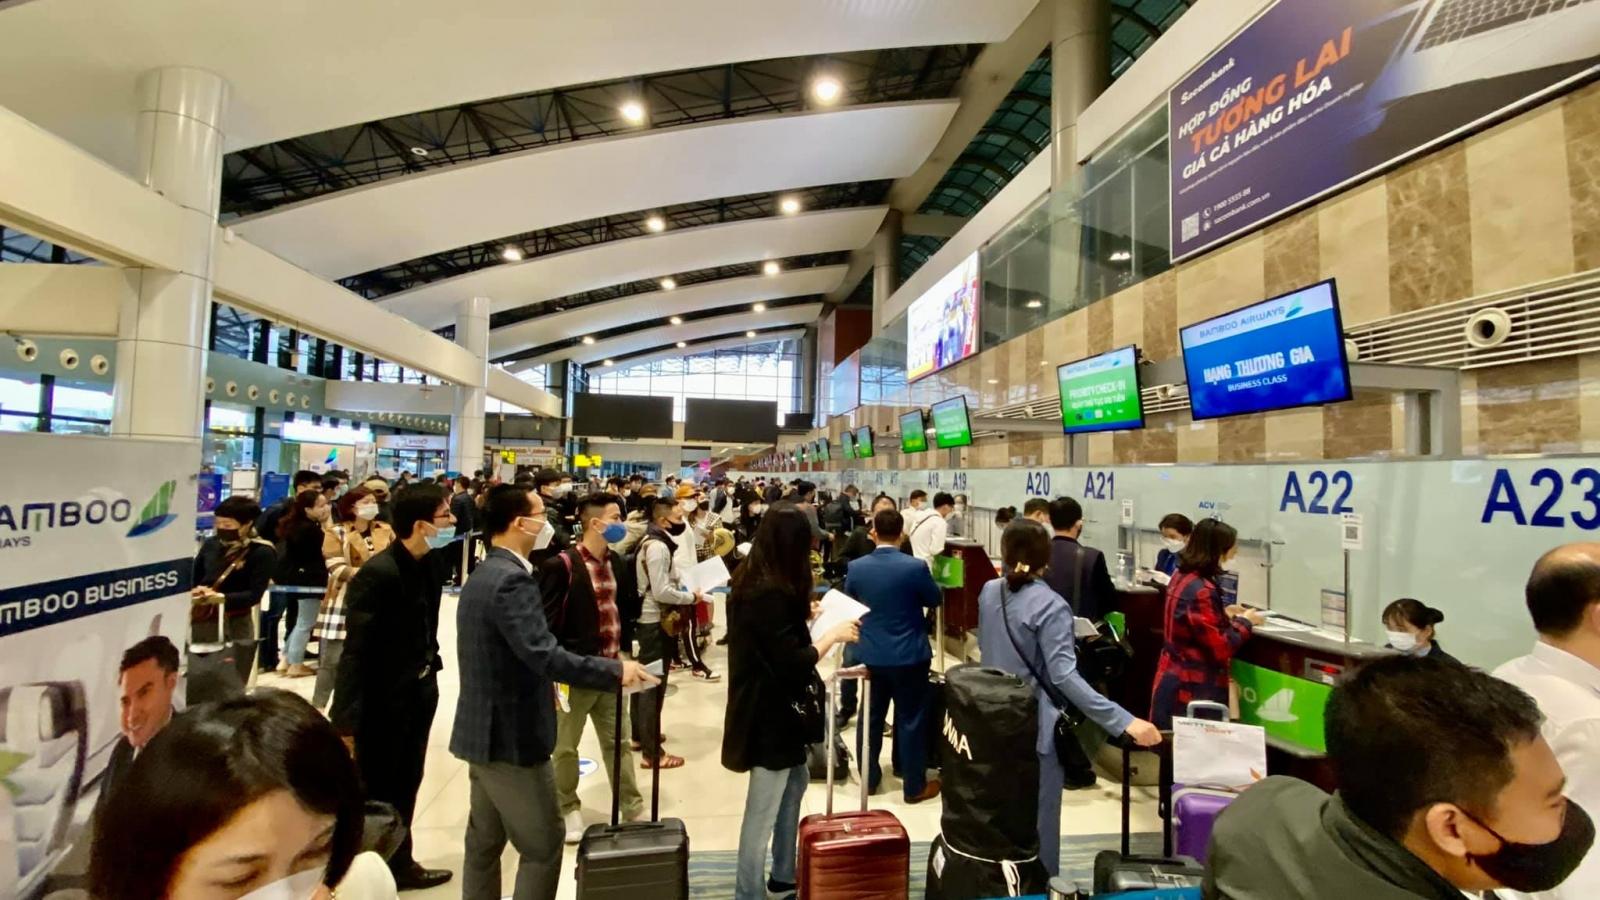 Các sân bay lớn dần đông đúc trở lại, khách xếp hàng dài làm thủ tục